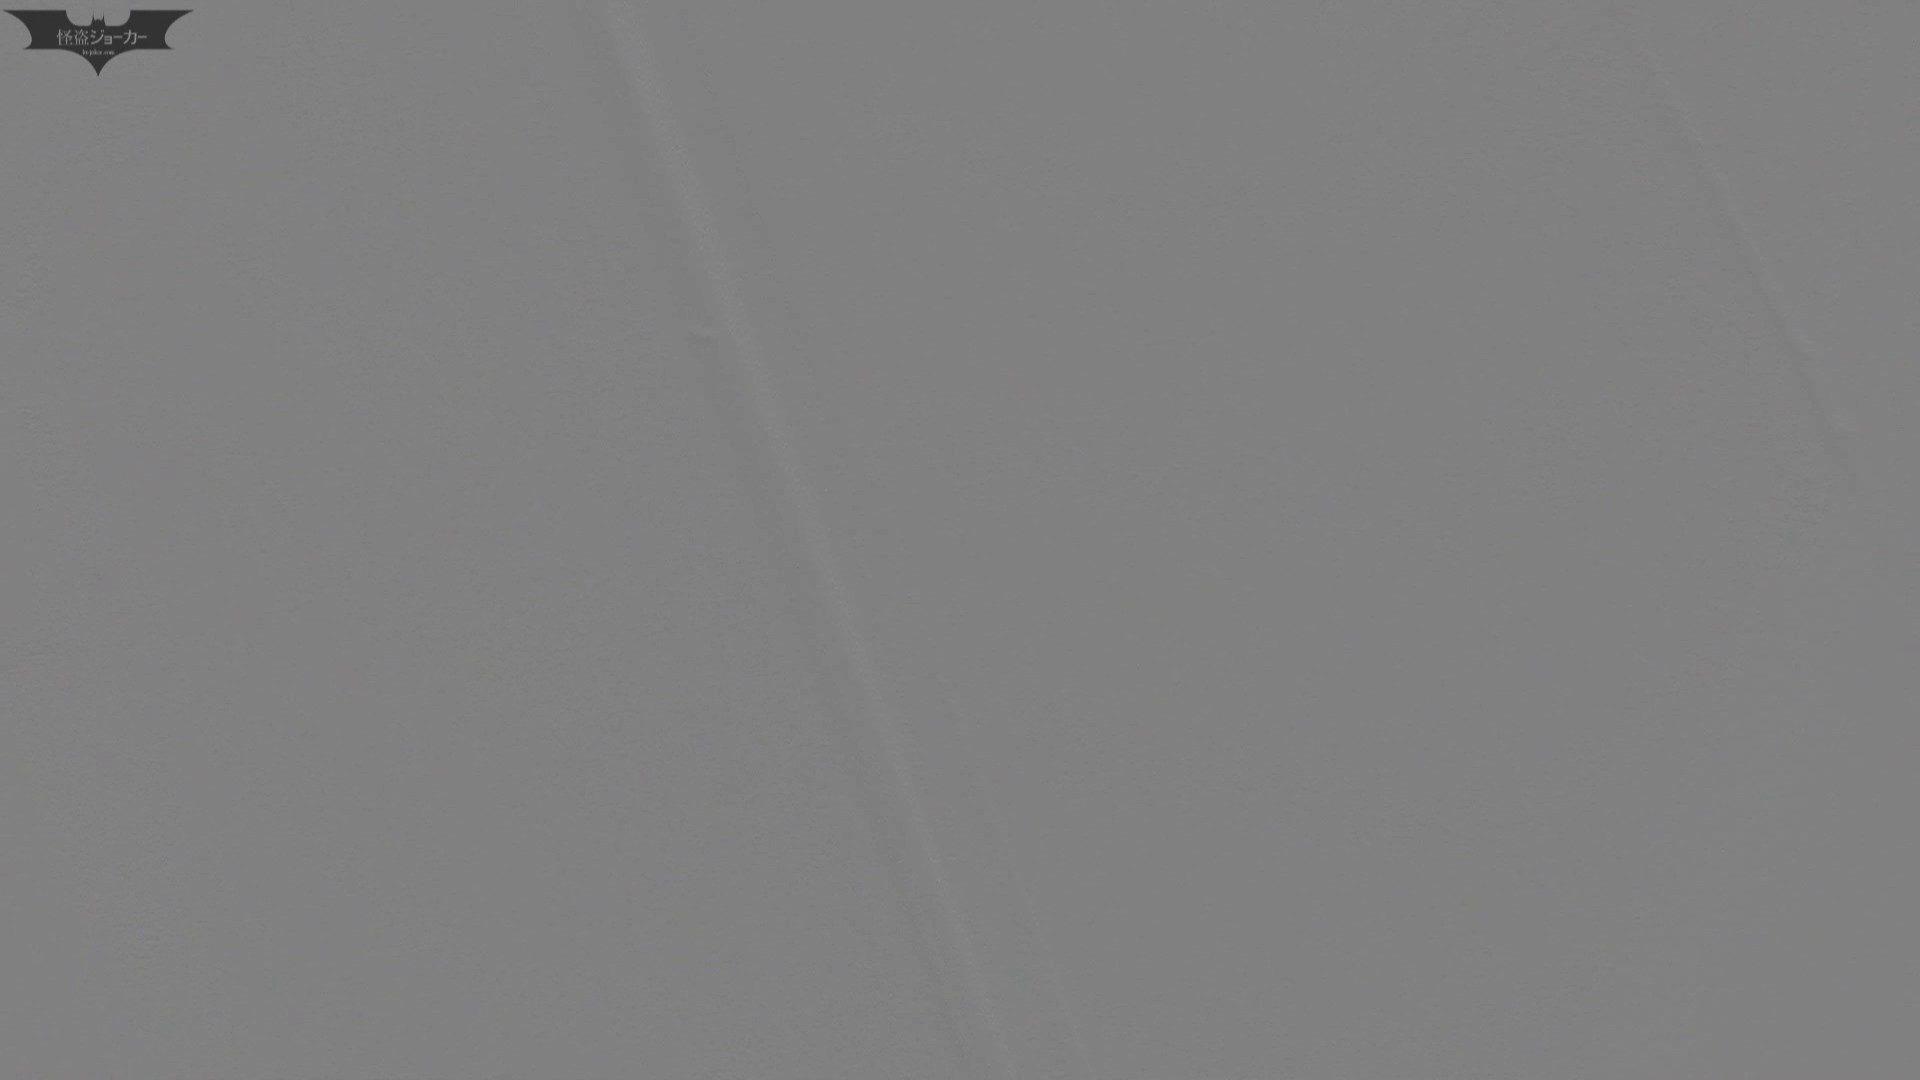 下からノゾム vol.019 美JとBスはあそこも違う!! OLのボディ | 0  77PIX 5